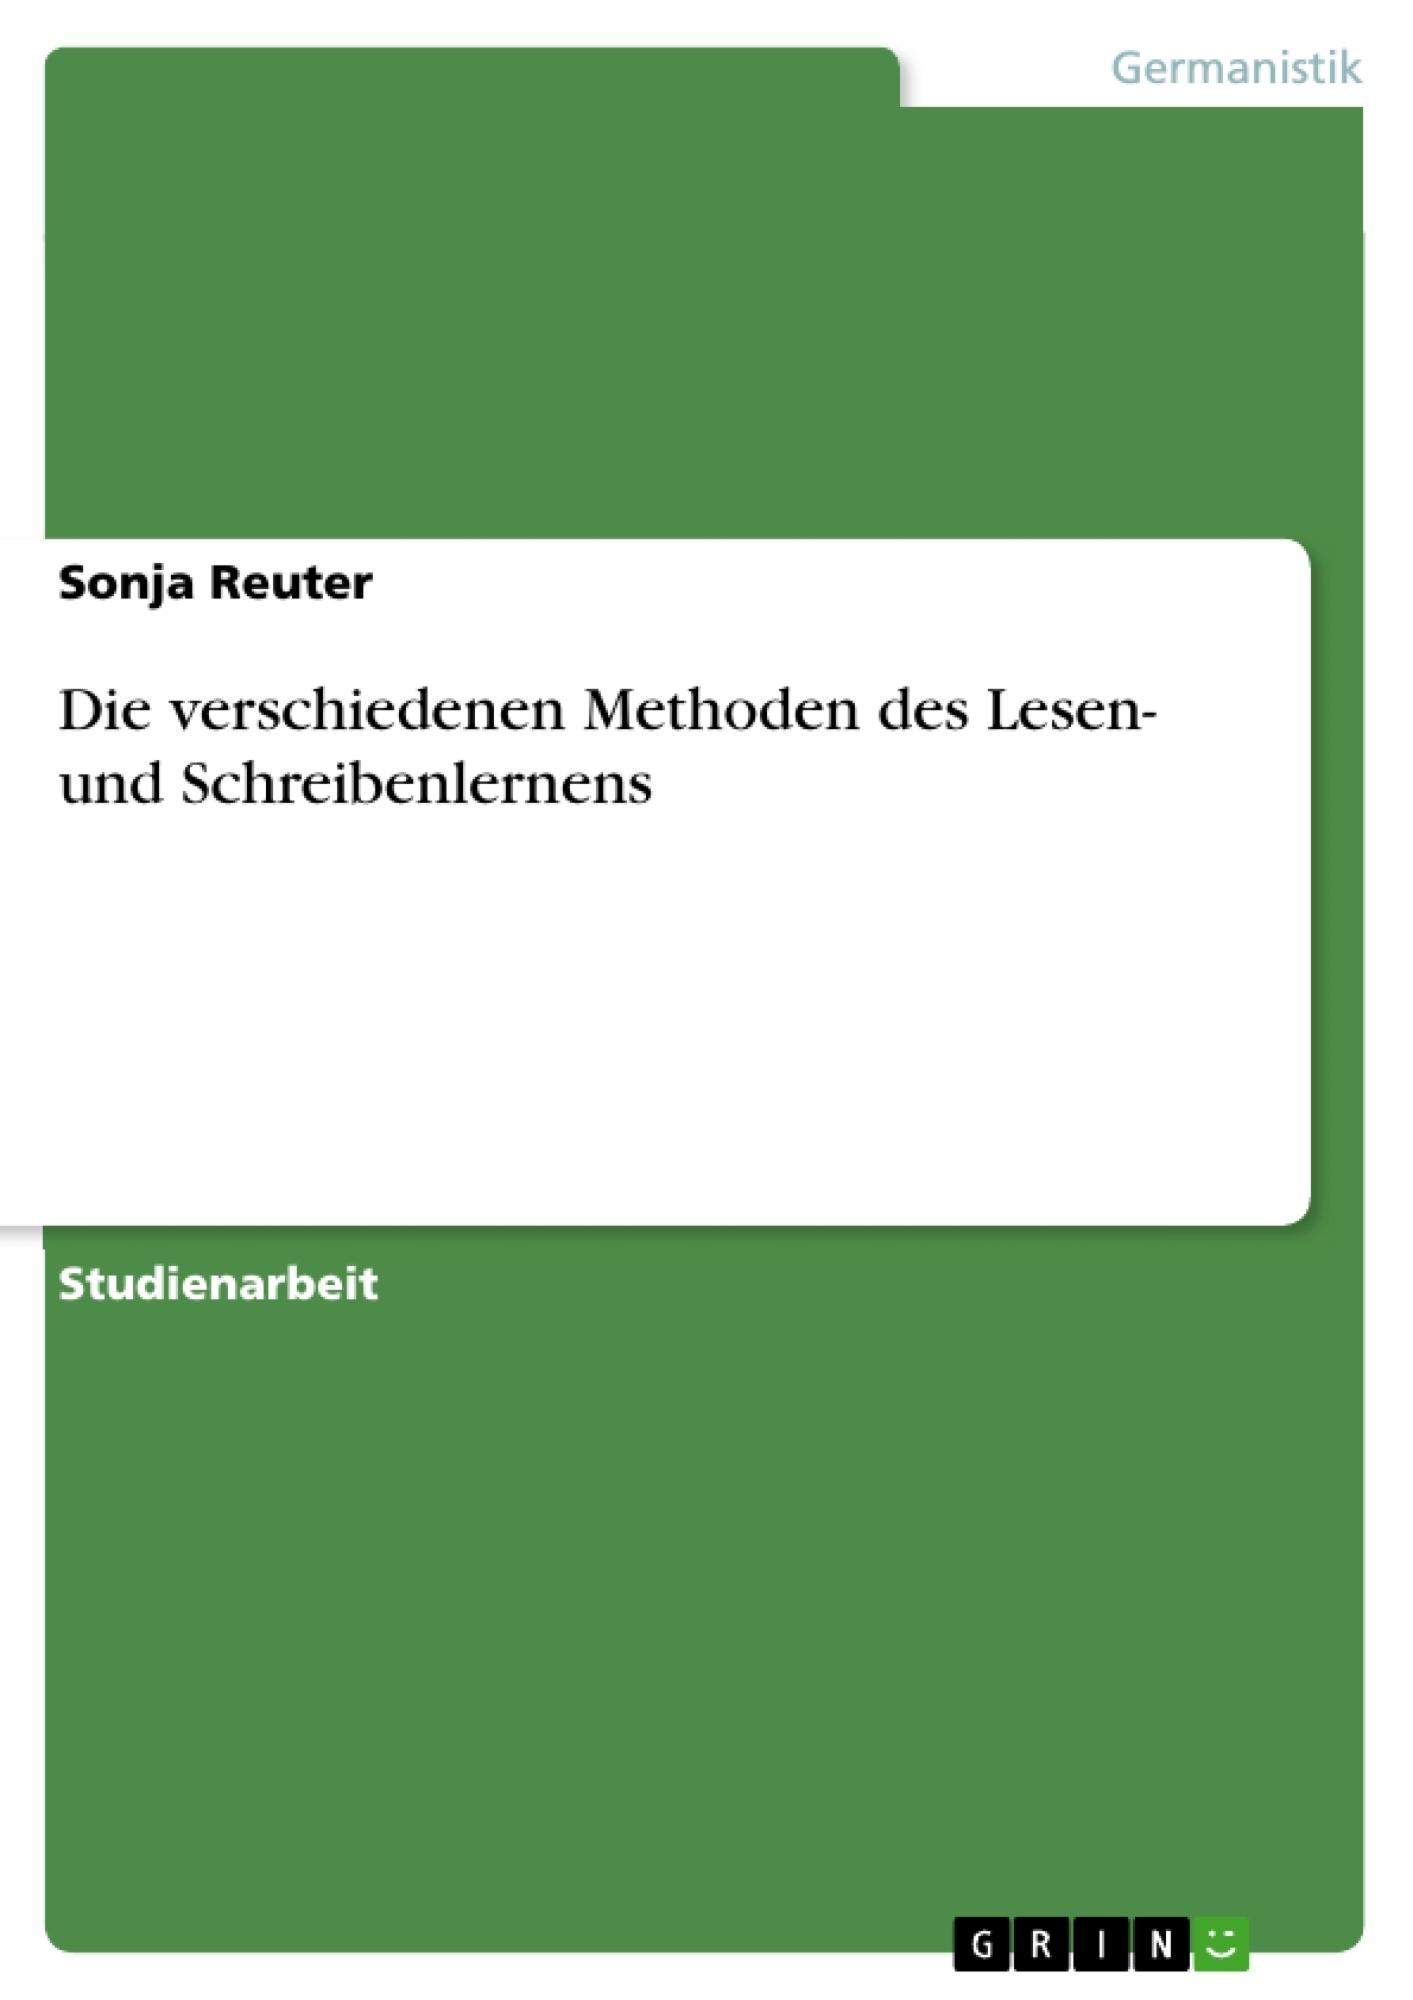 Titel: Die verschiedenen Methoden des Lesen- und Schreibenlernens